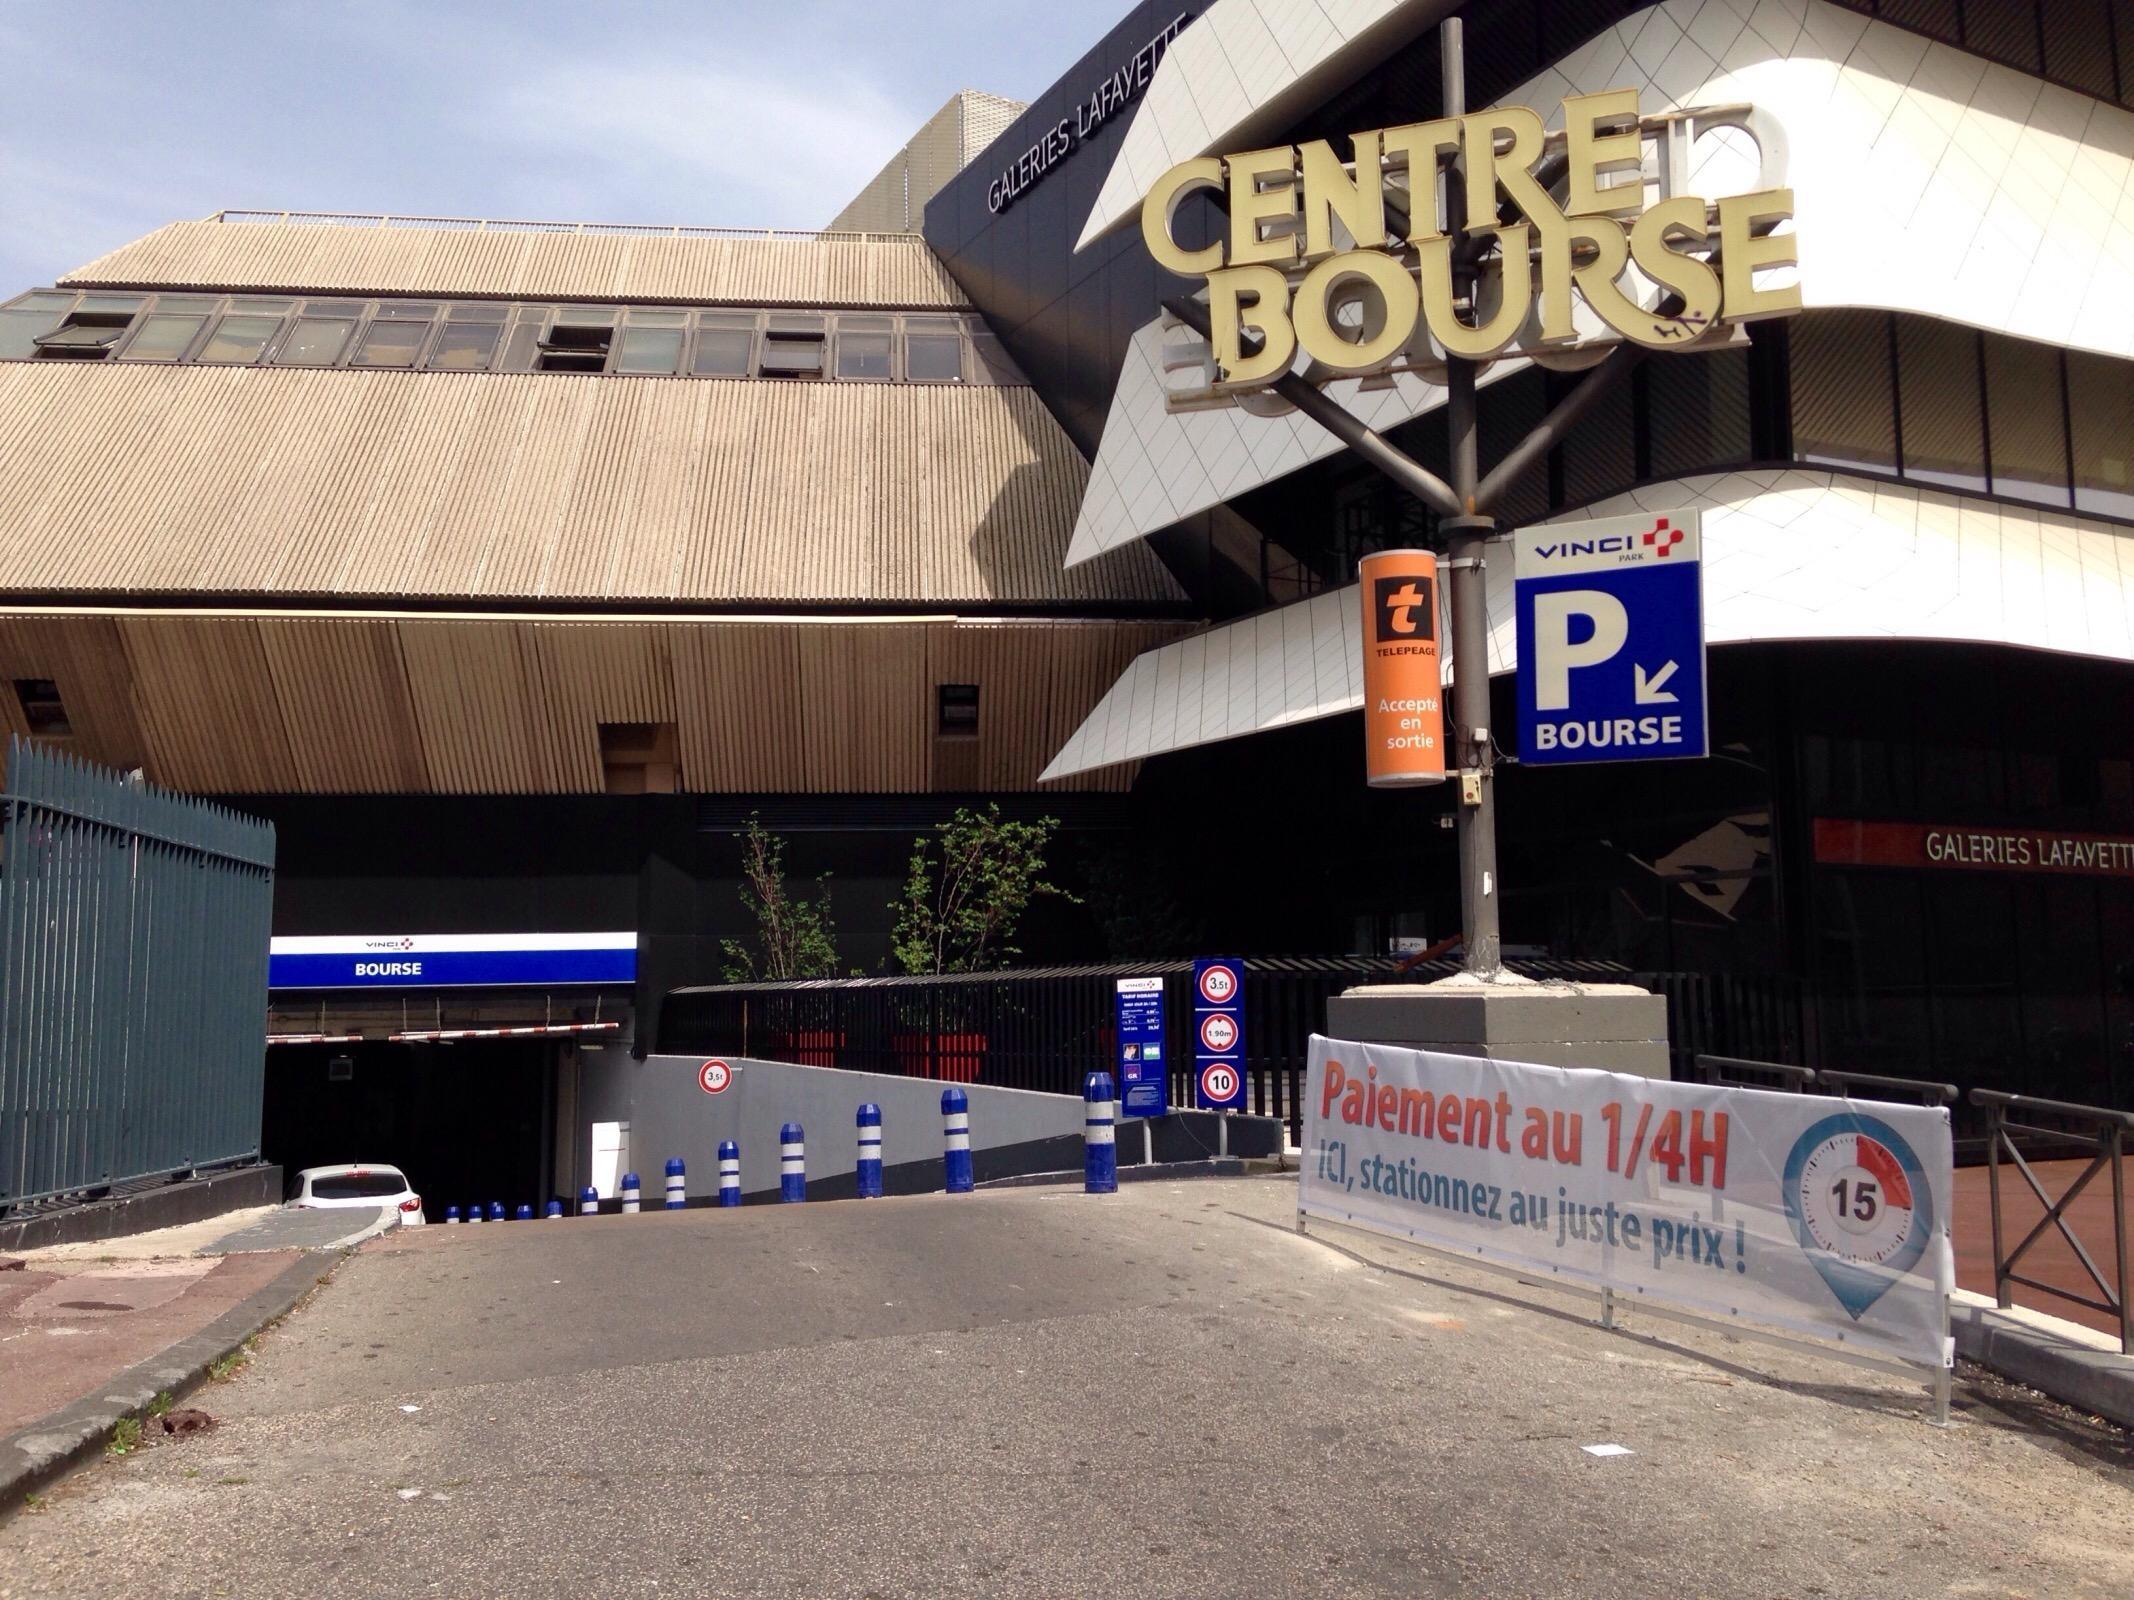 Bourse parking in marseille parkme for E parking marseille